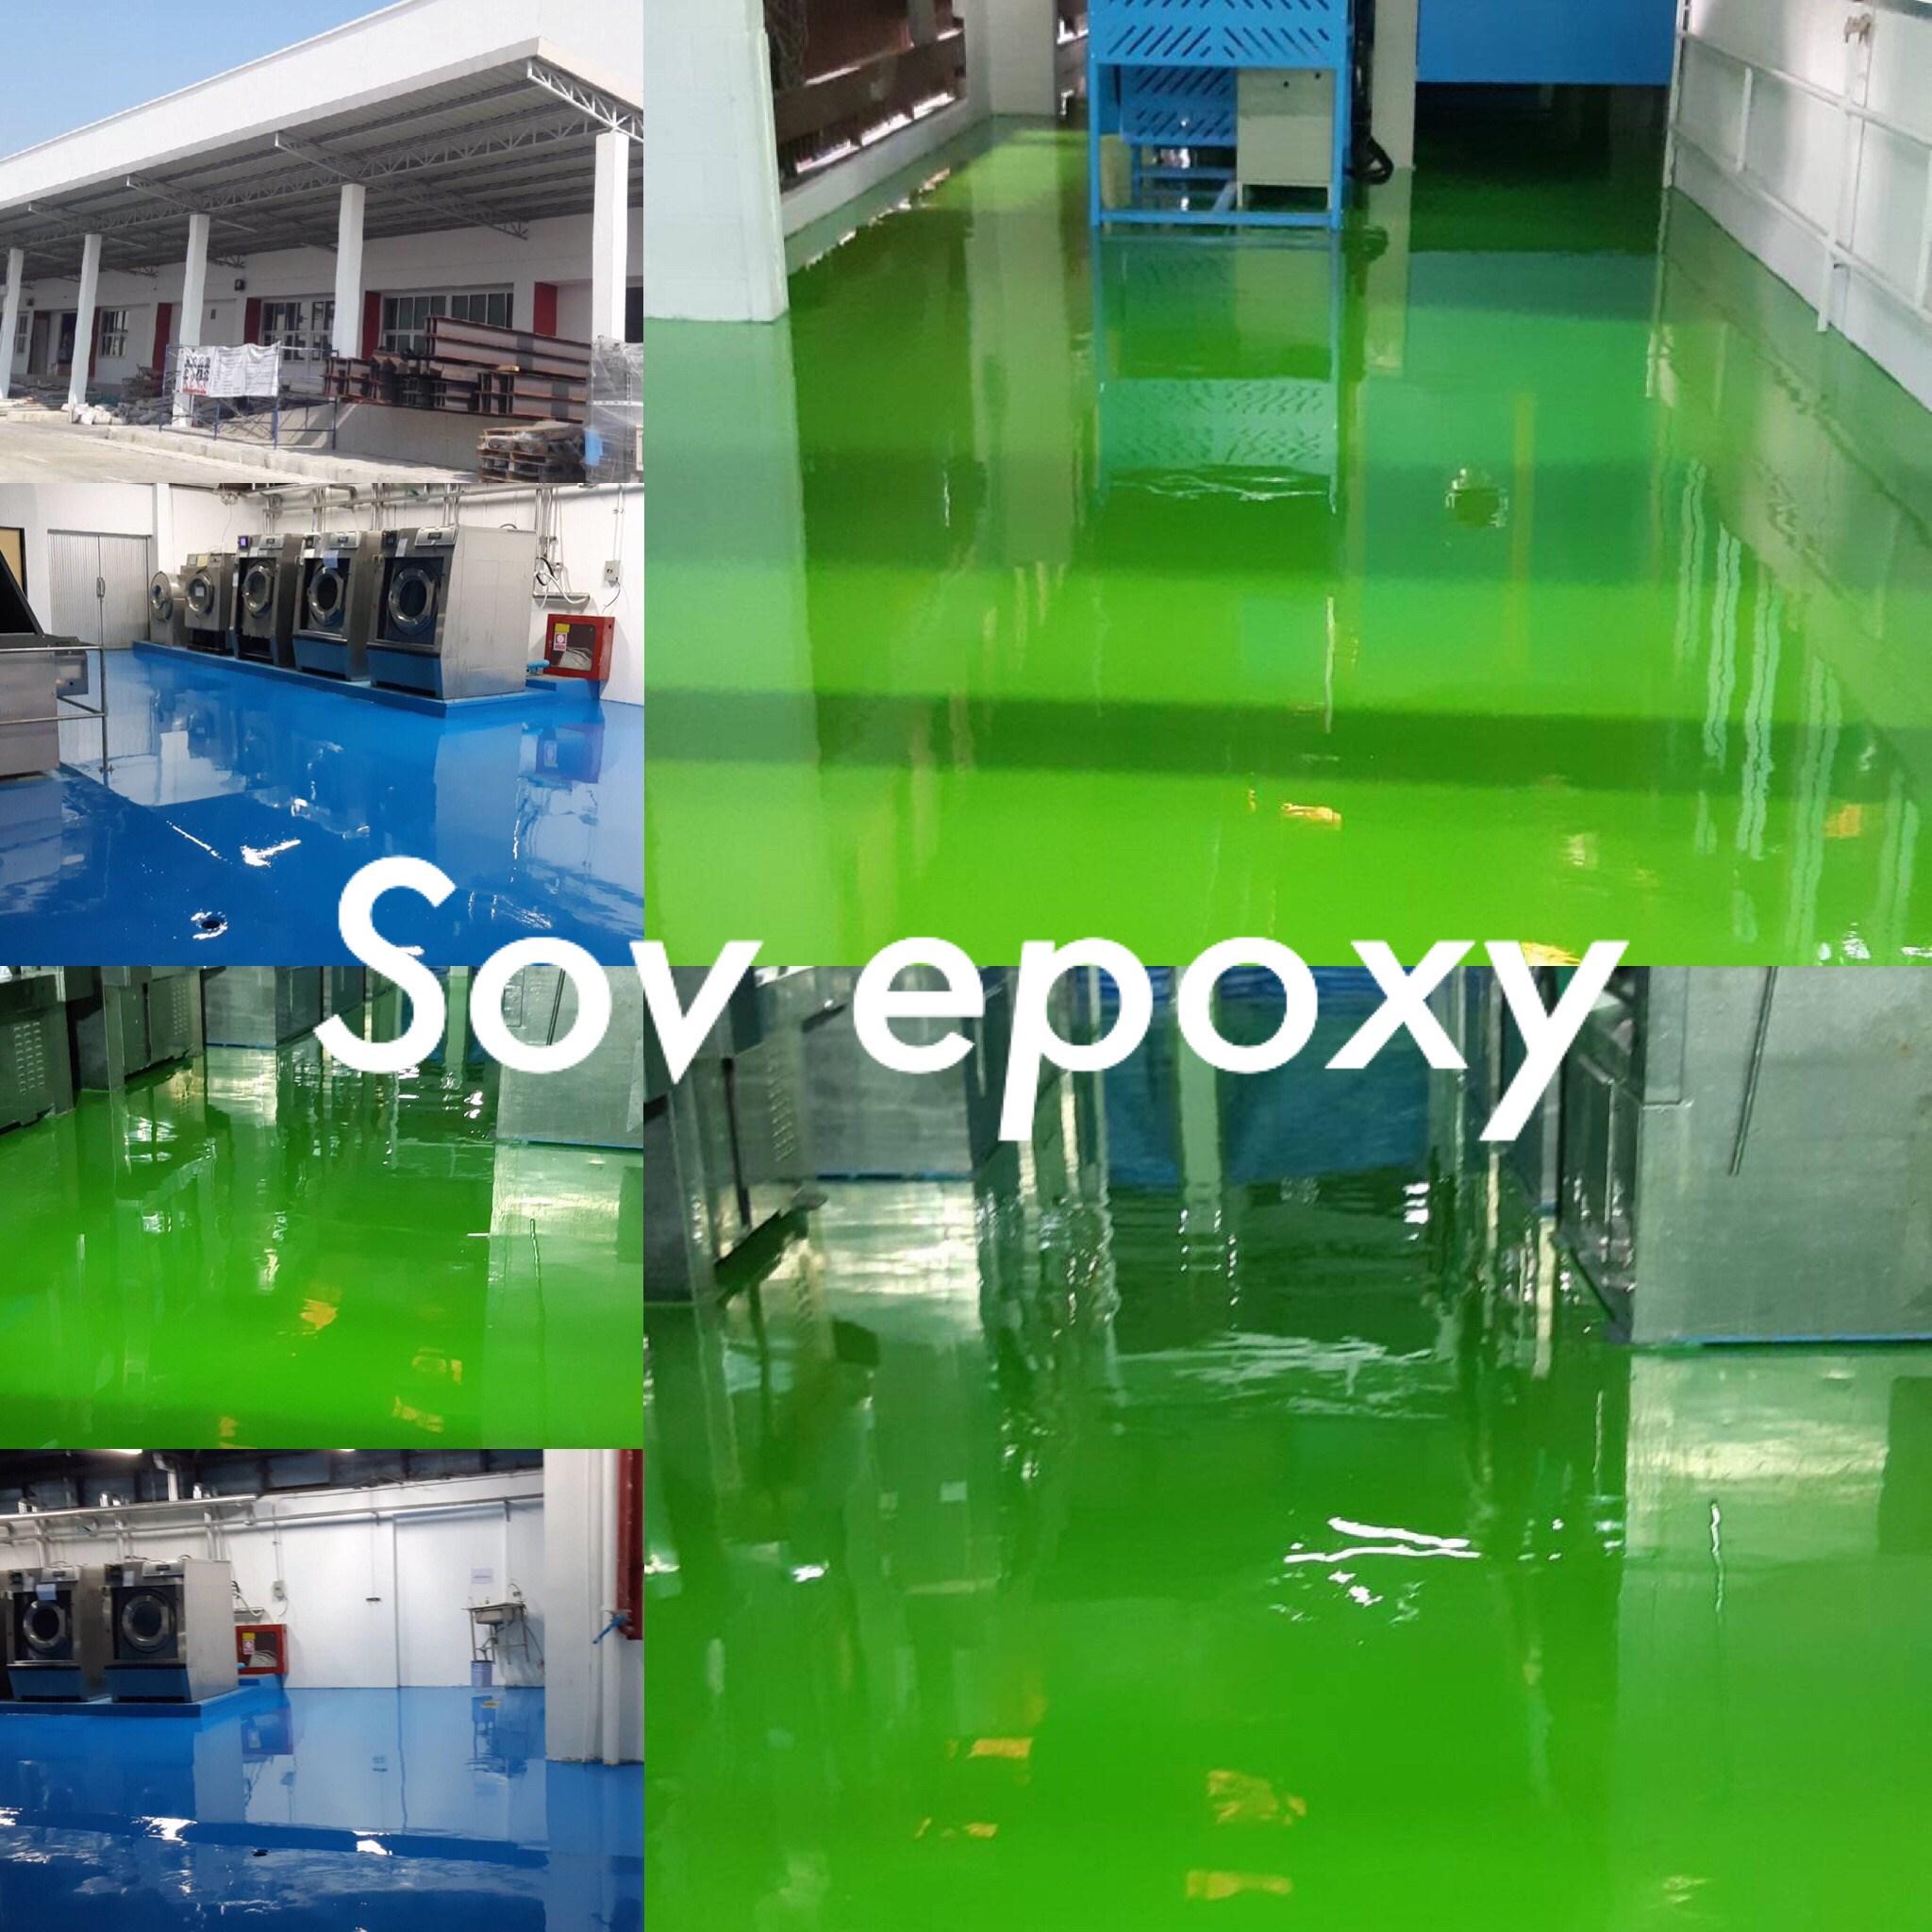 พื้น Epoxy Self-leveling รพ.ศรีนครินทร์ จ.ขอนแก่น 1